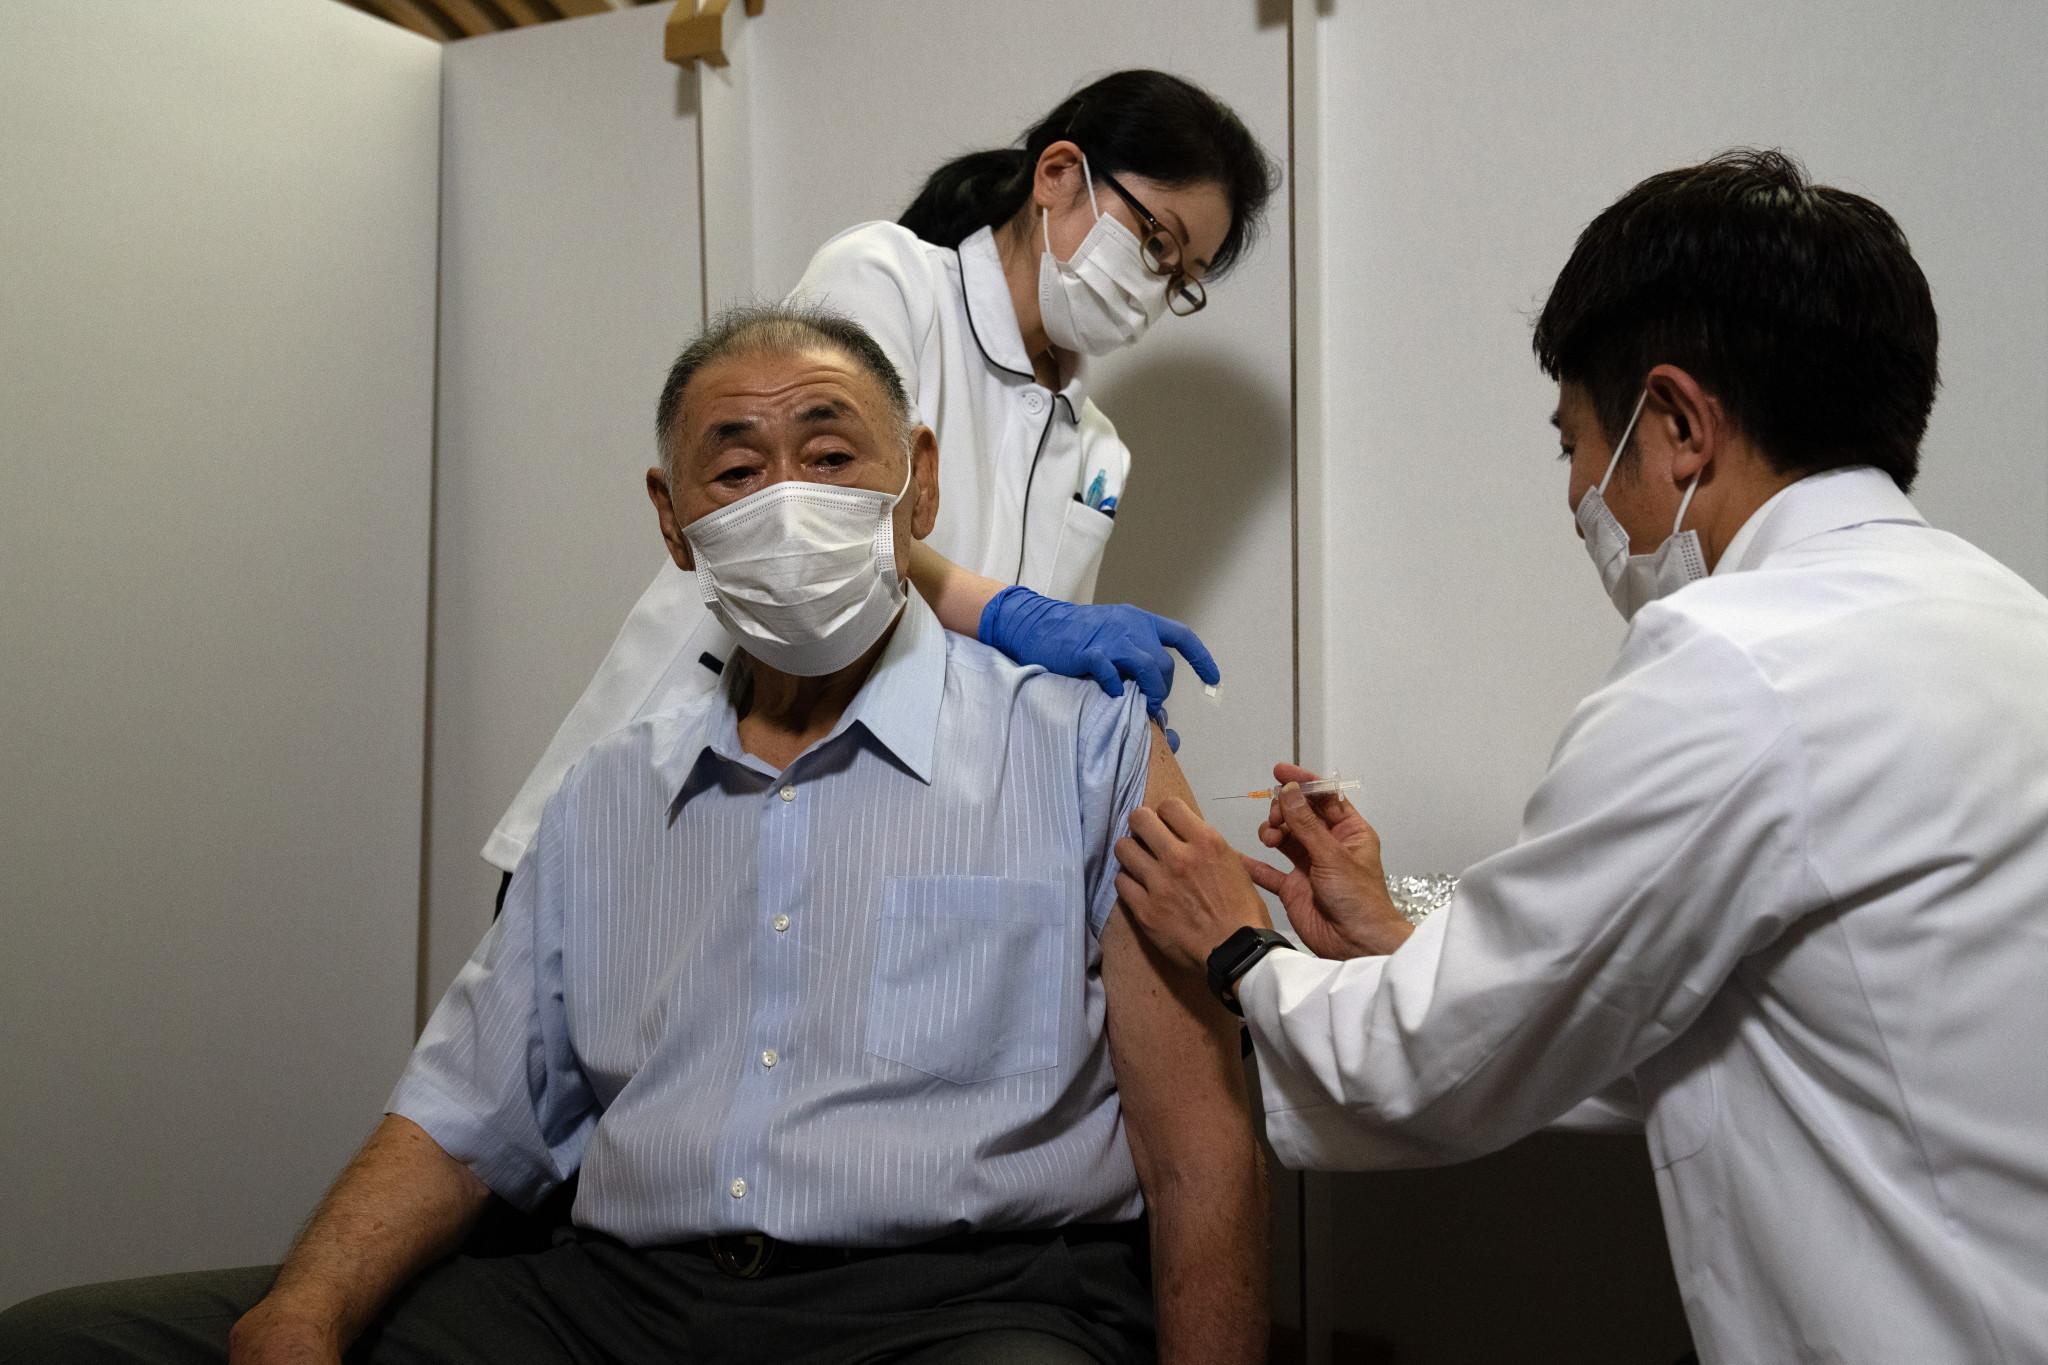 Centro de vacunación masiva abre en Tokio 60 días antes de los Juegos